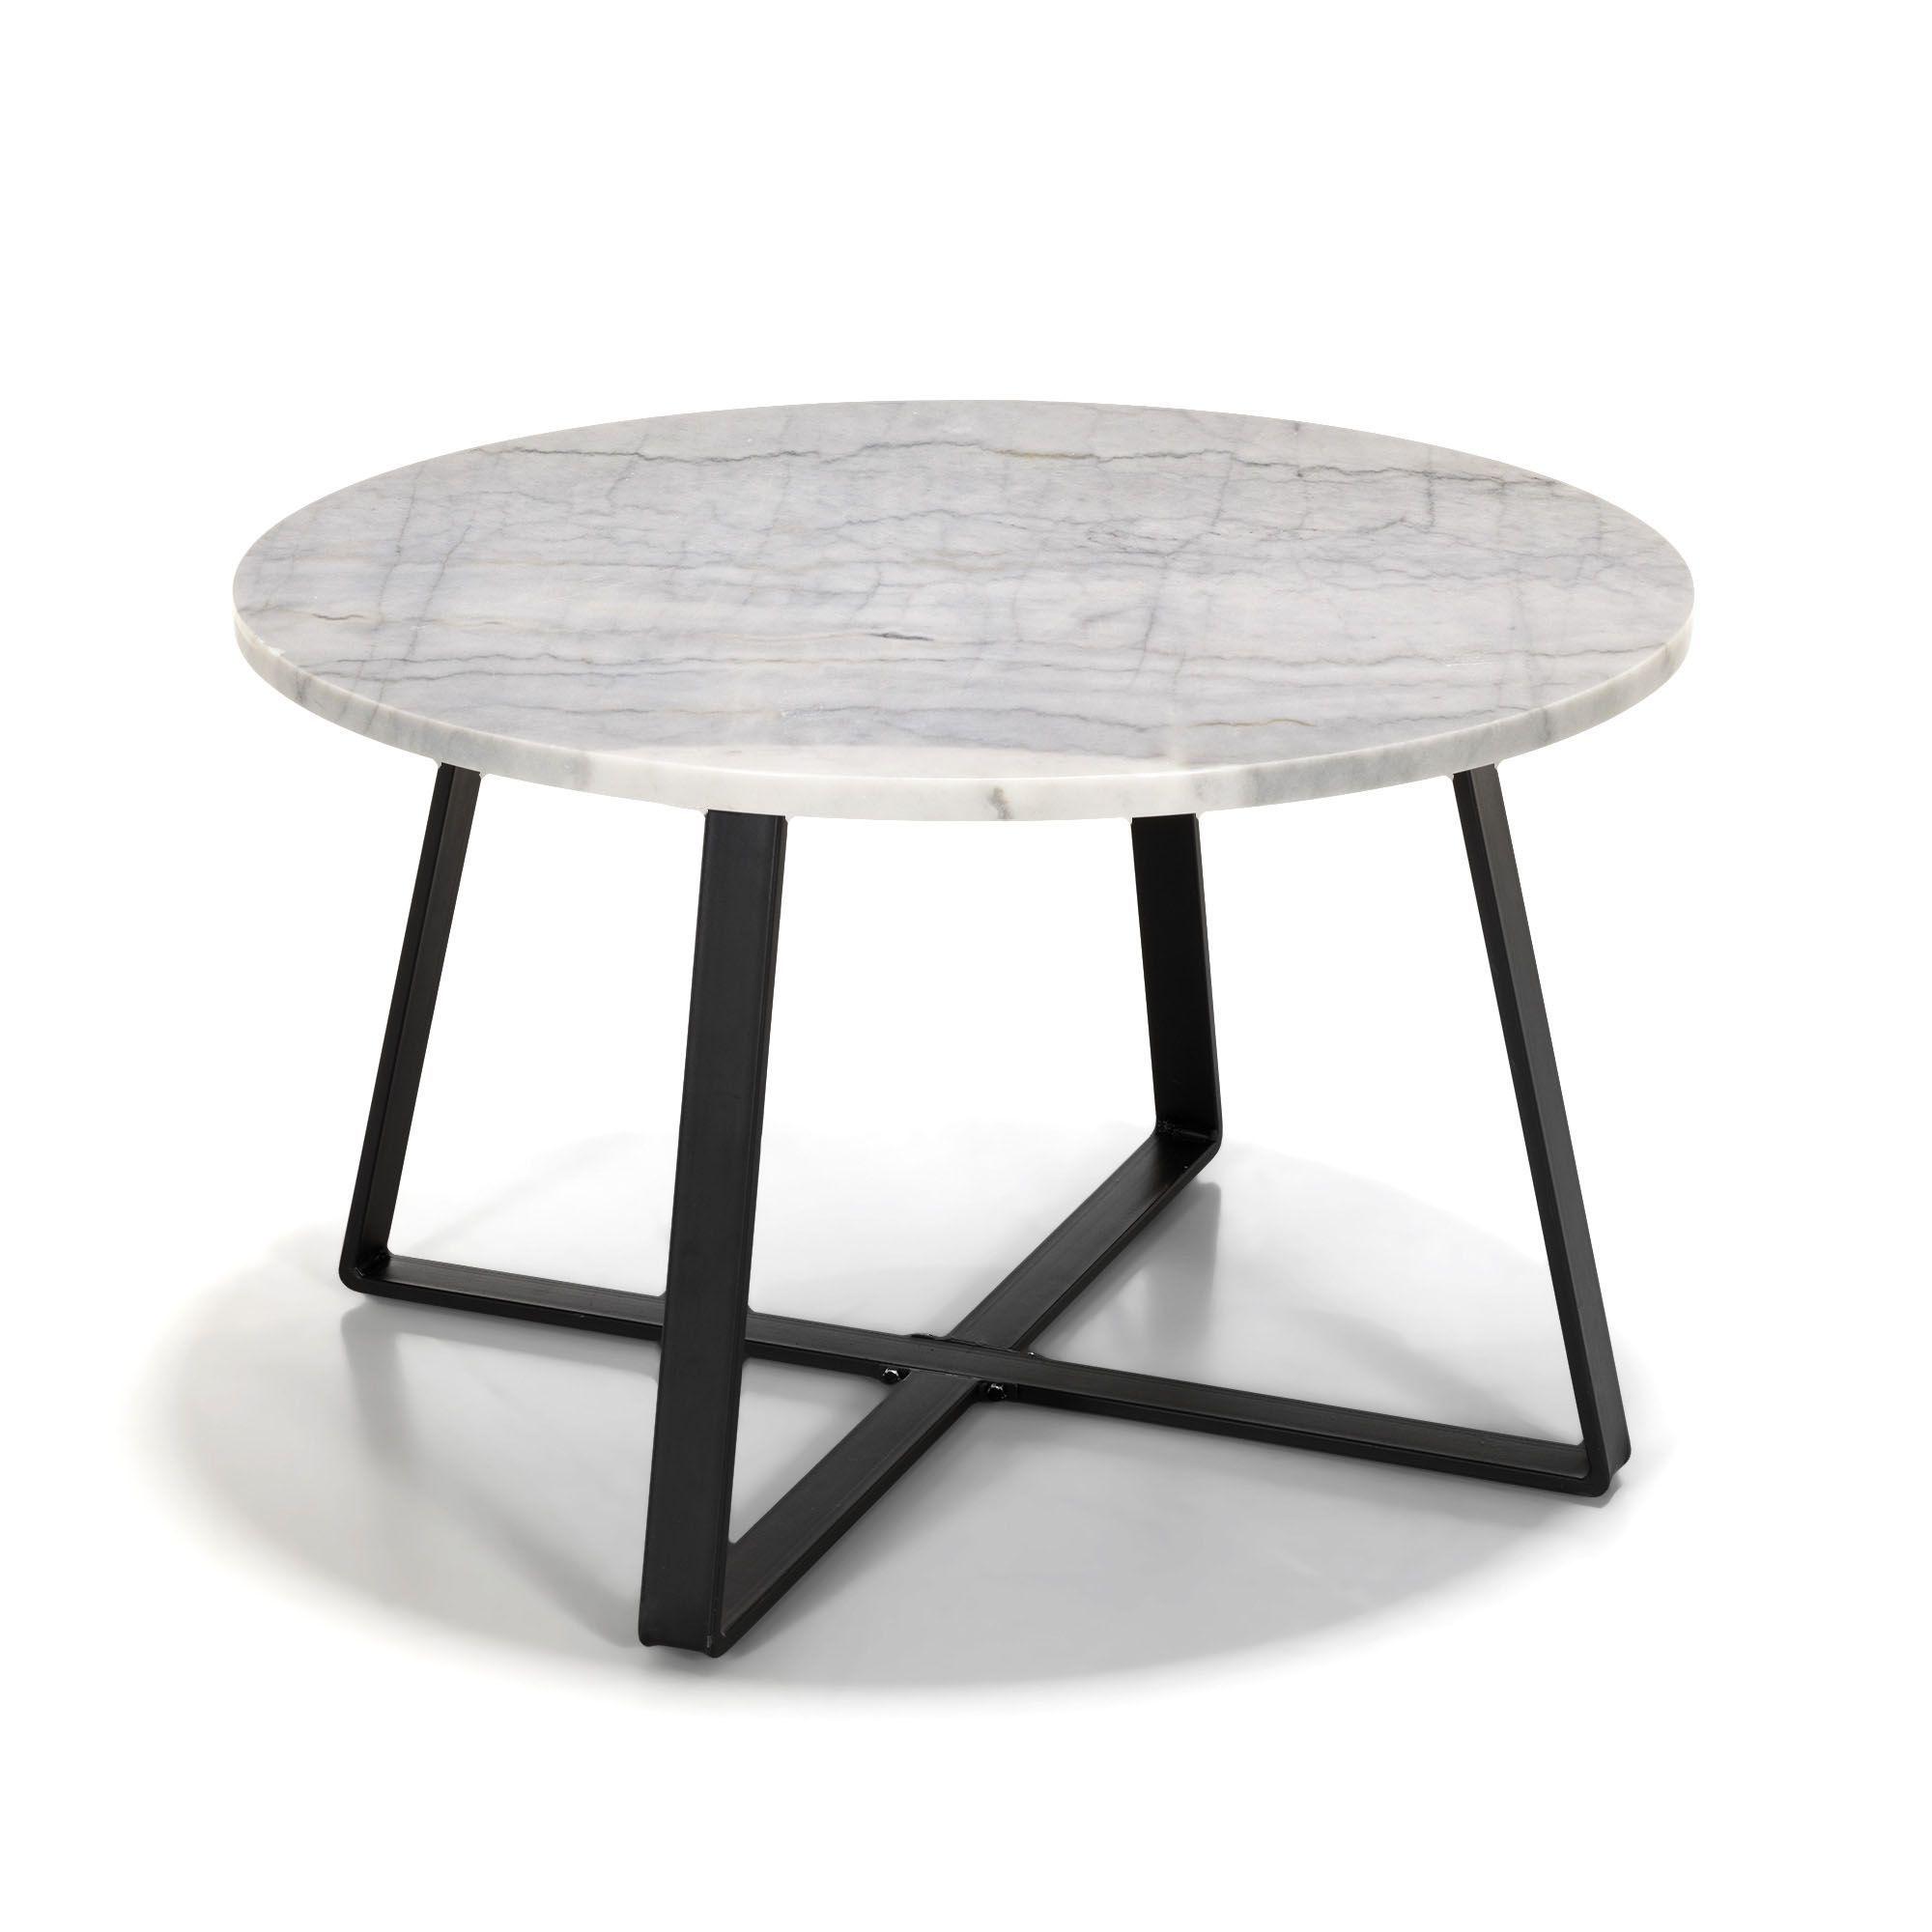 Table basse en mtal avec plateau en marbre Blanc et noir